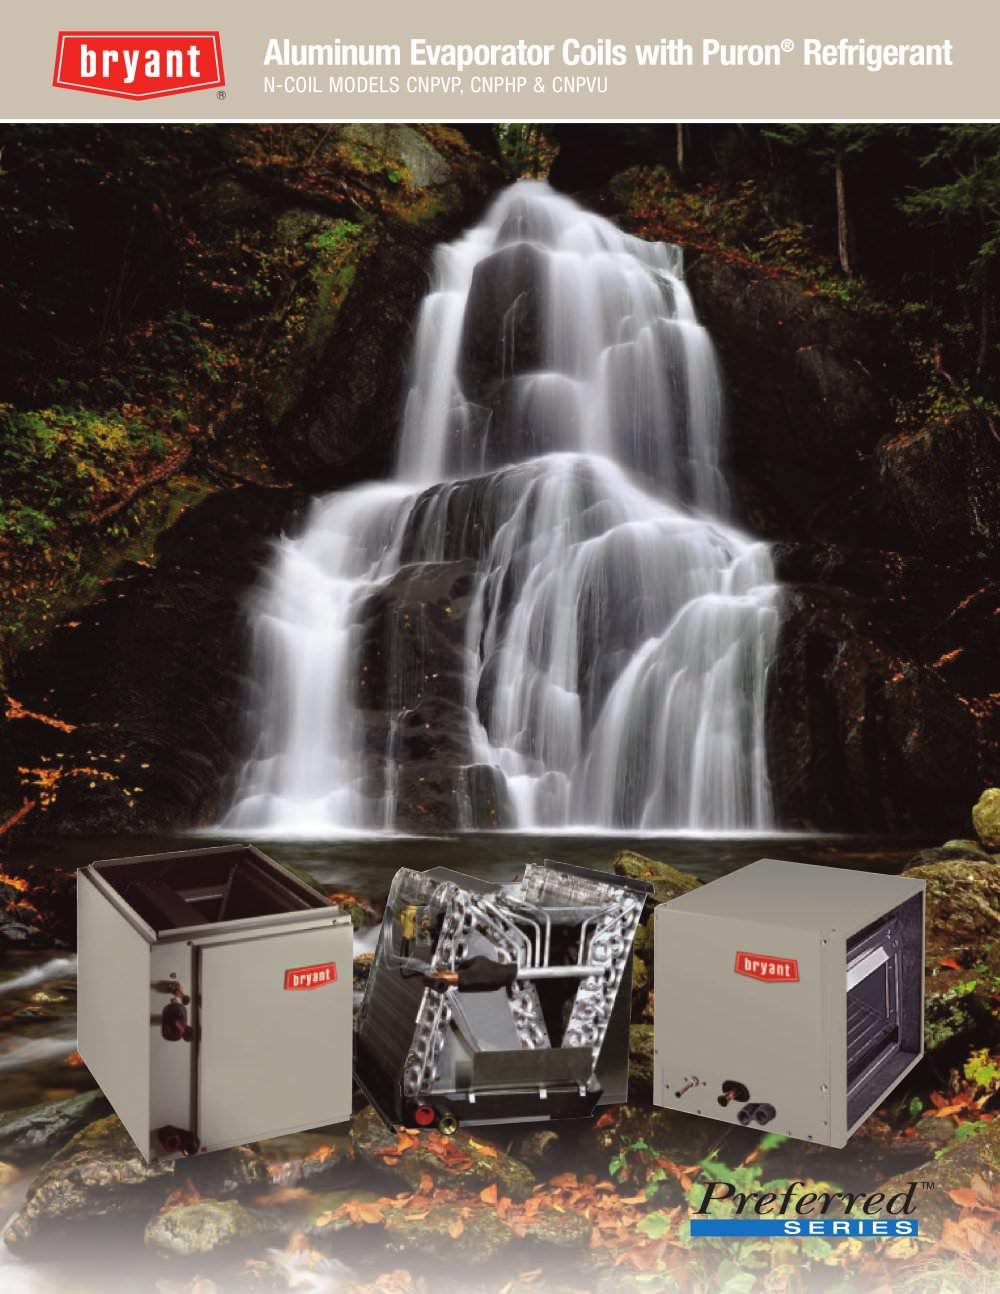 Cnpvp Cnphp Cnpvu N Coil Aluminum Evaporator Coils With Puron Refrigerant Consumer 1 4 Pages